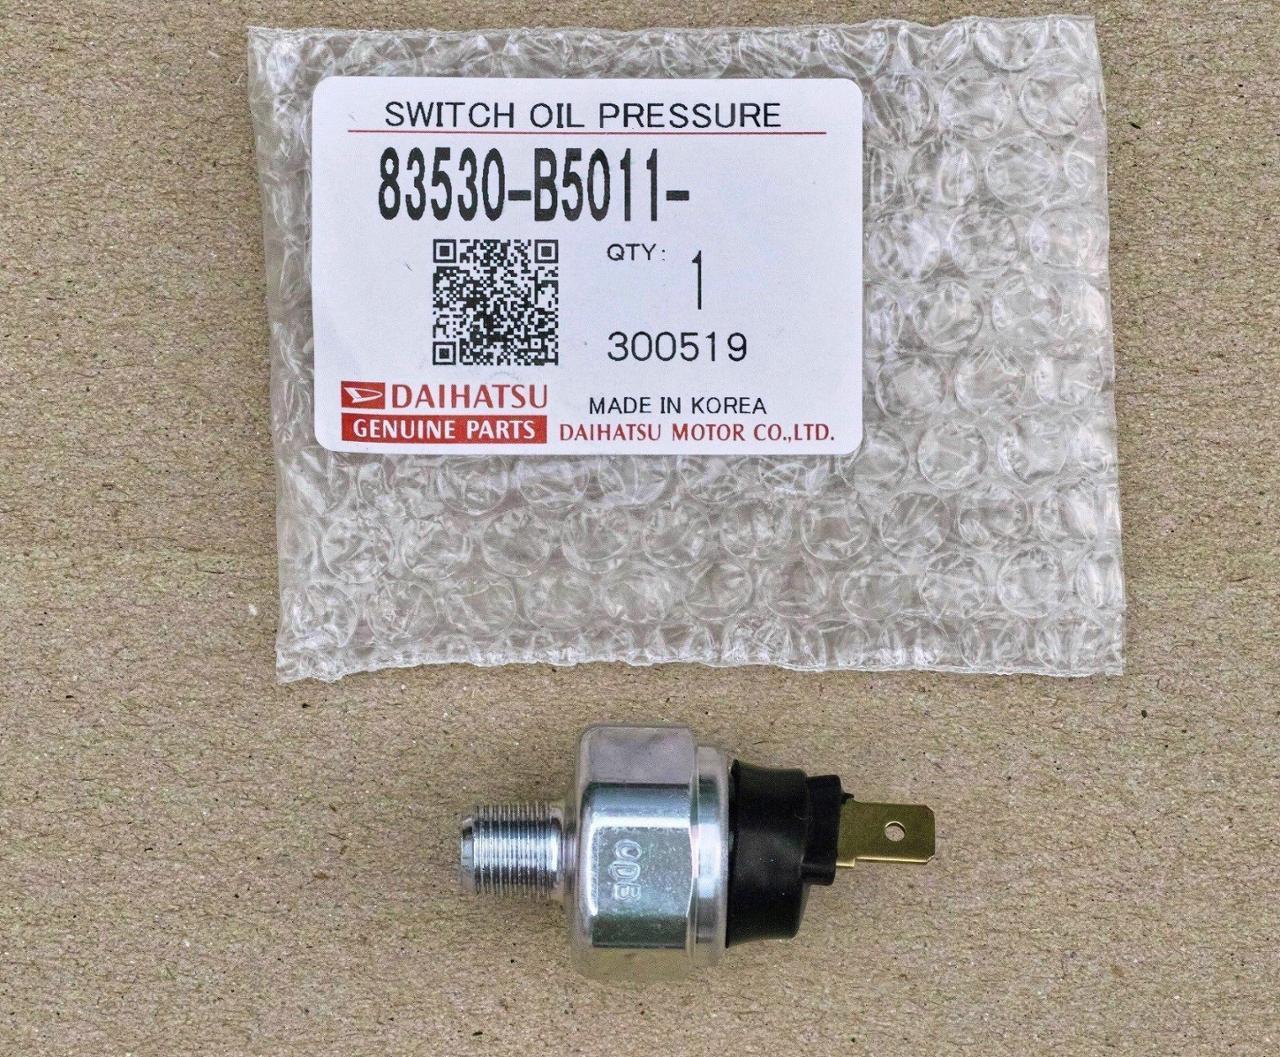 ダイハツ(純正) , 代替新 83530-B5011  オイルプレッシャースイッチASSY